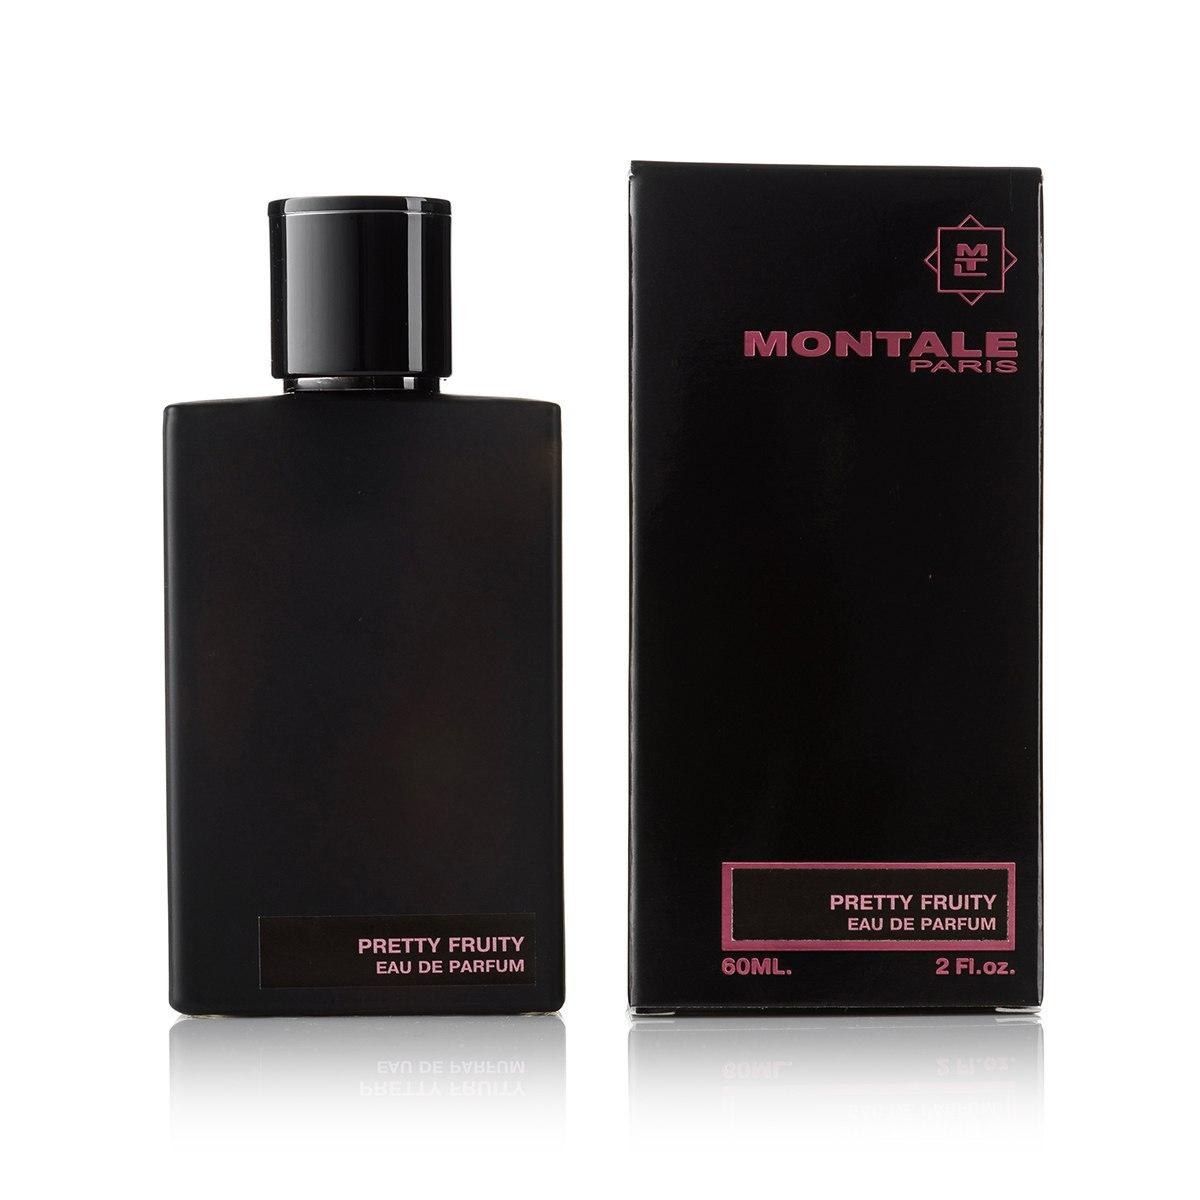 60 мл мини-парфюм Montale Pretty Fruity (унисекс) - М-33